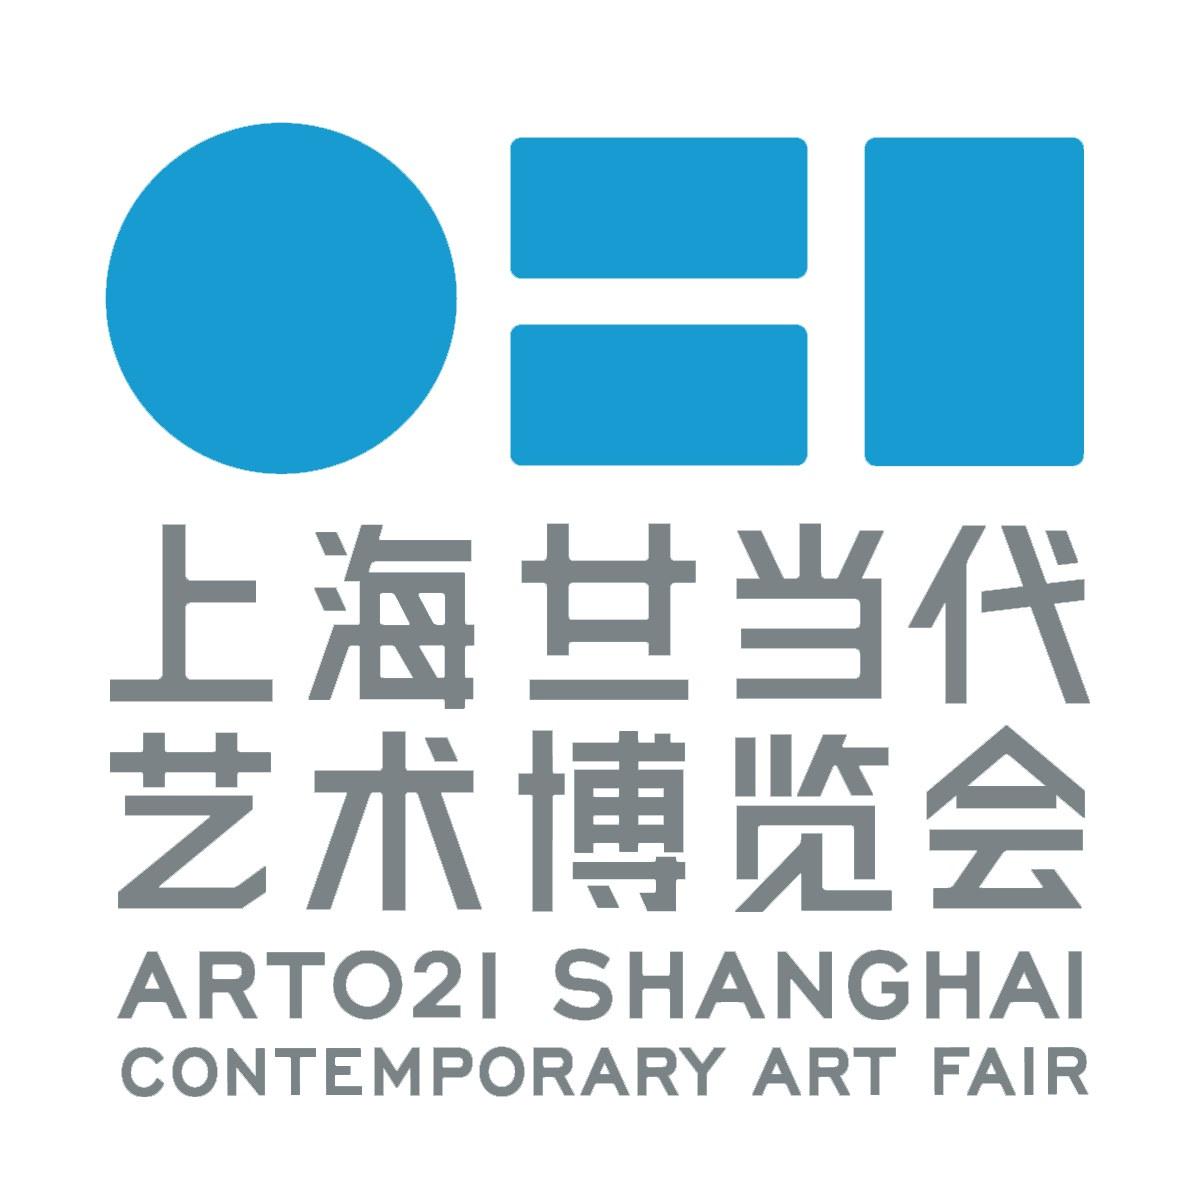 2016年上海廿一当代艺术博览会